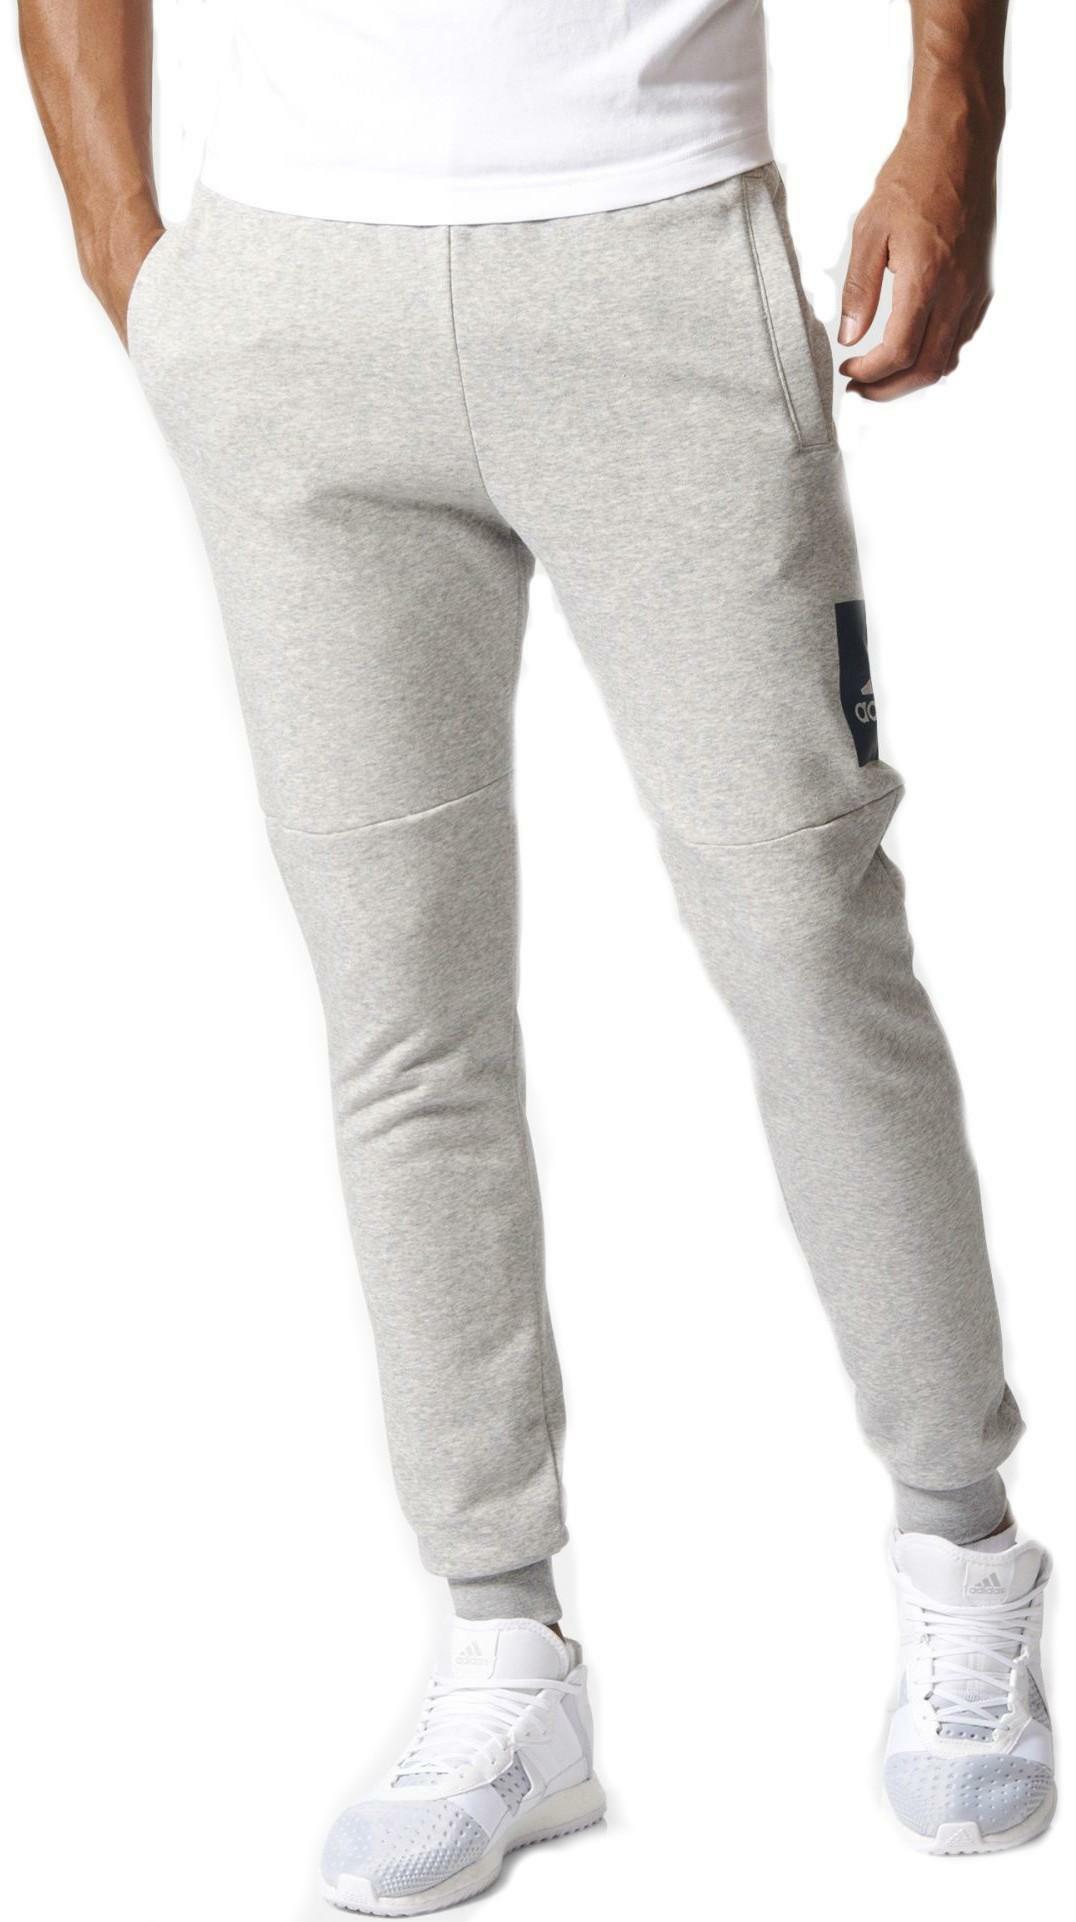 pantaloni uomo adidas cotone